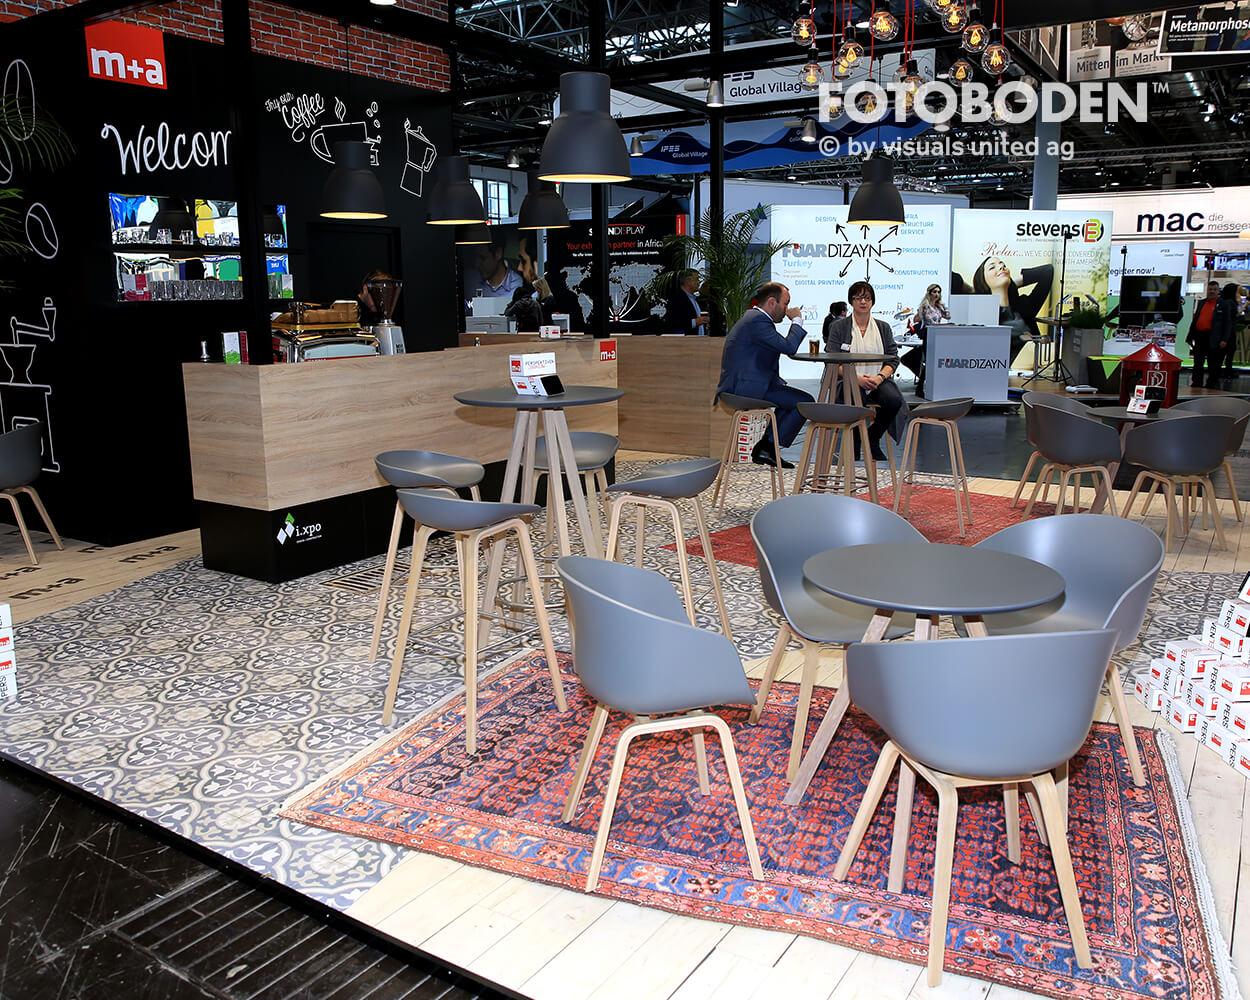 FOTOBODEN™ EUROSHOP Kaffeehaus